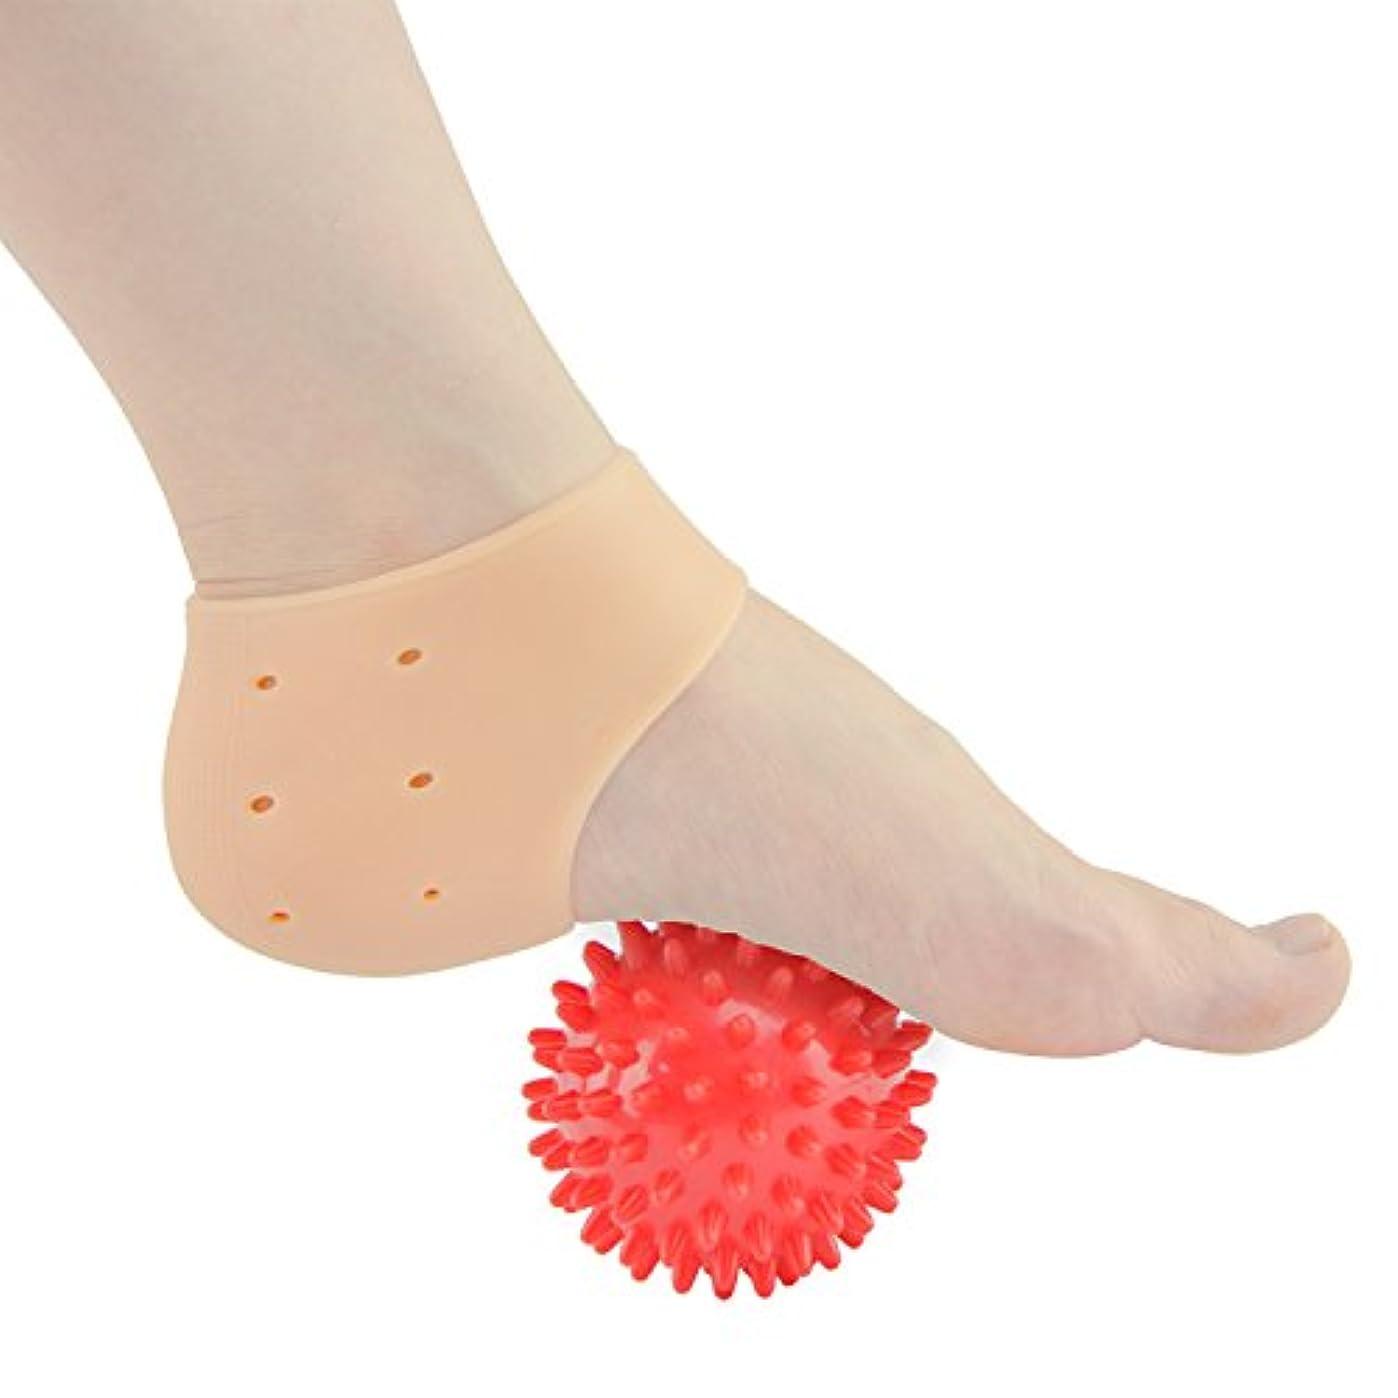 概して柔和娯楽Sumifun かかと保護カバー, 足底筋膜炎治療ラップジェルスリーブフットマッサージ足痛み軽減 かかと痛サポーター 衝撃吸収 ジェルサポーター かかとケア 美足 保湿 かかと靴下